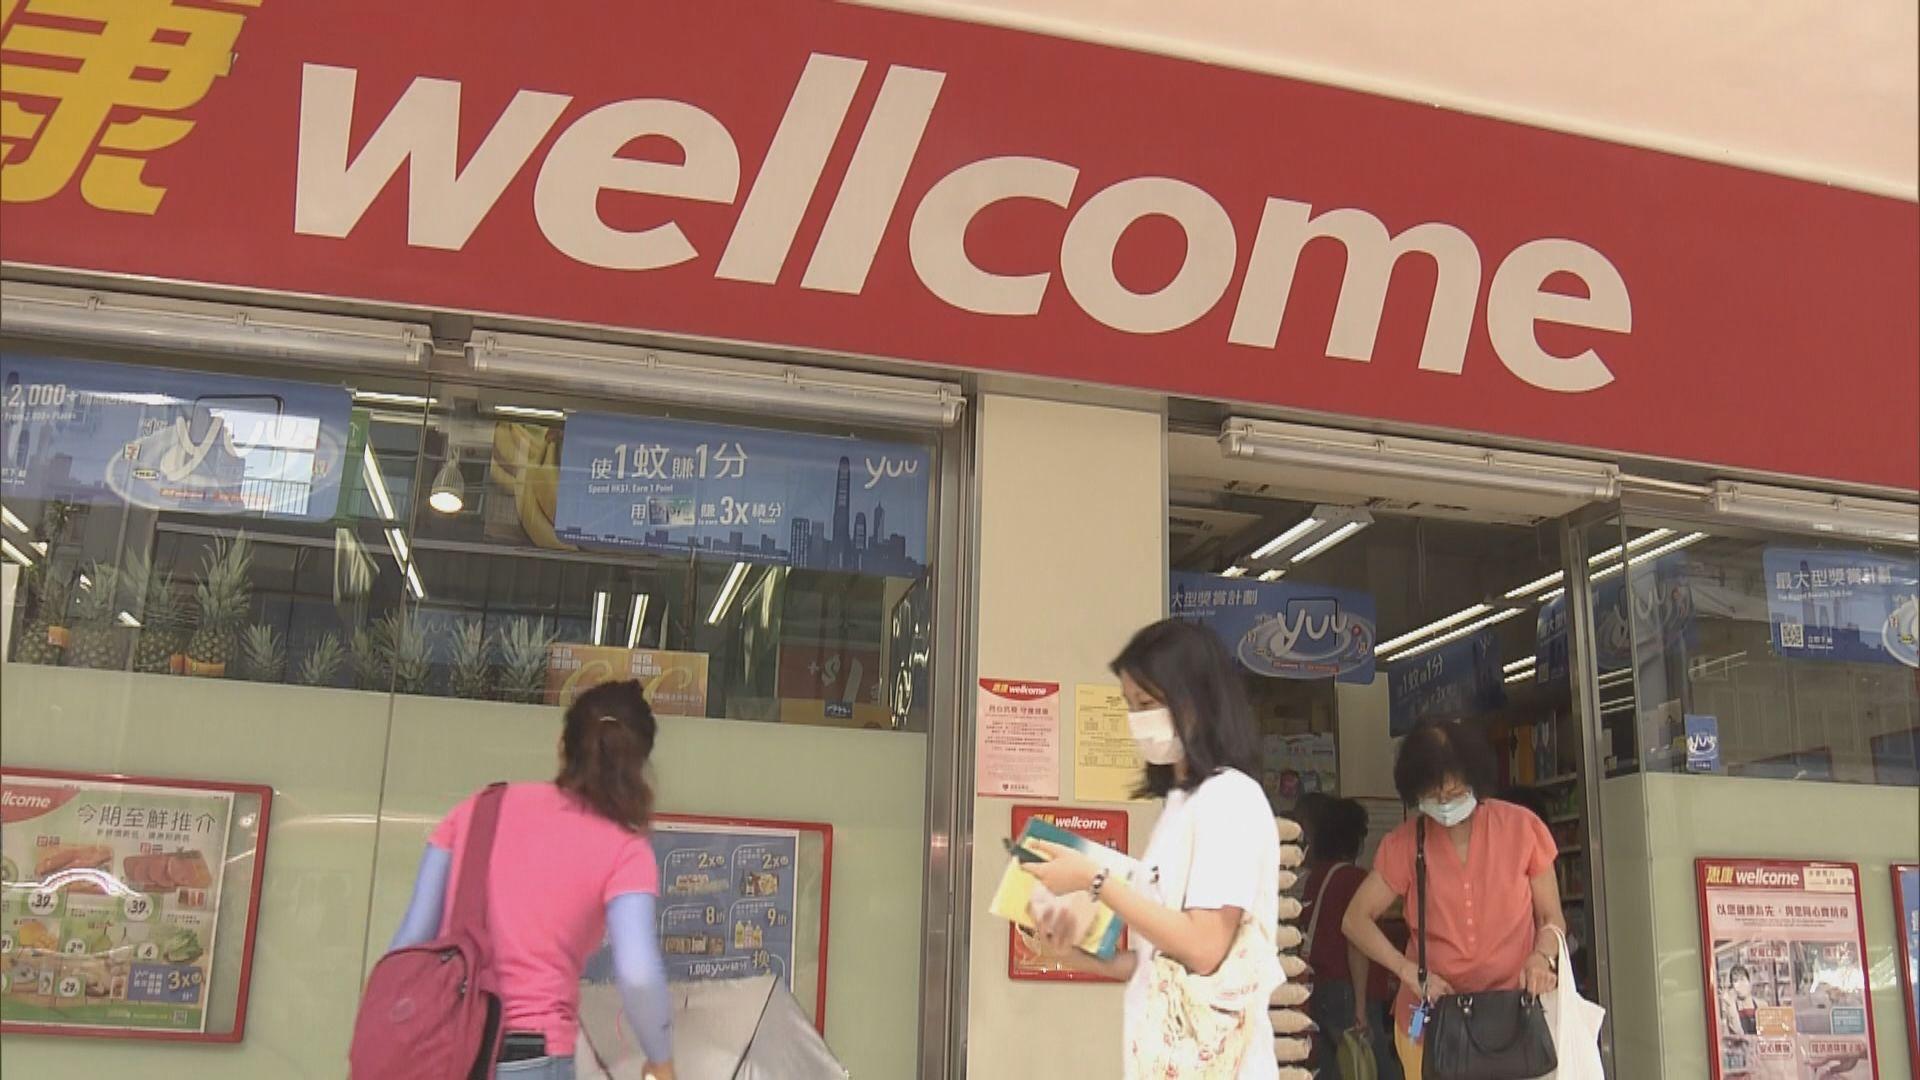 「保就業」要求兩大超市減價 有市民質疑政策本末倒置